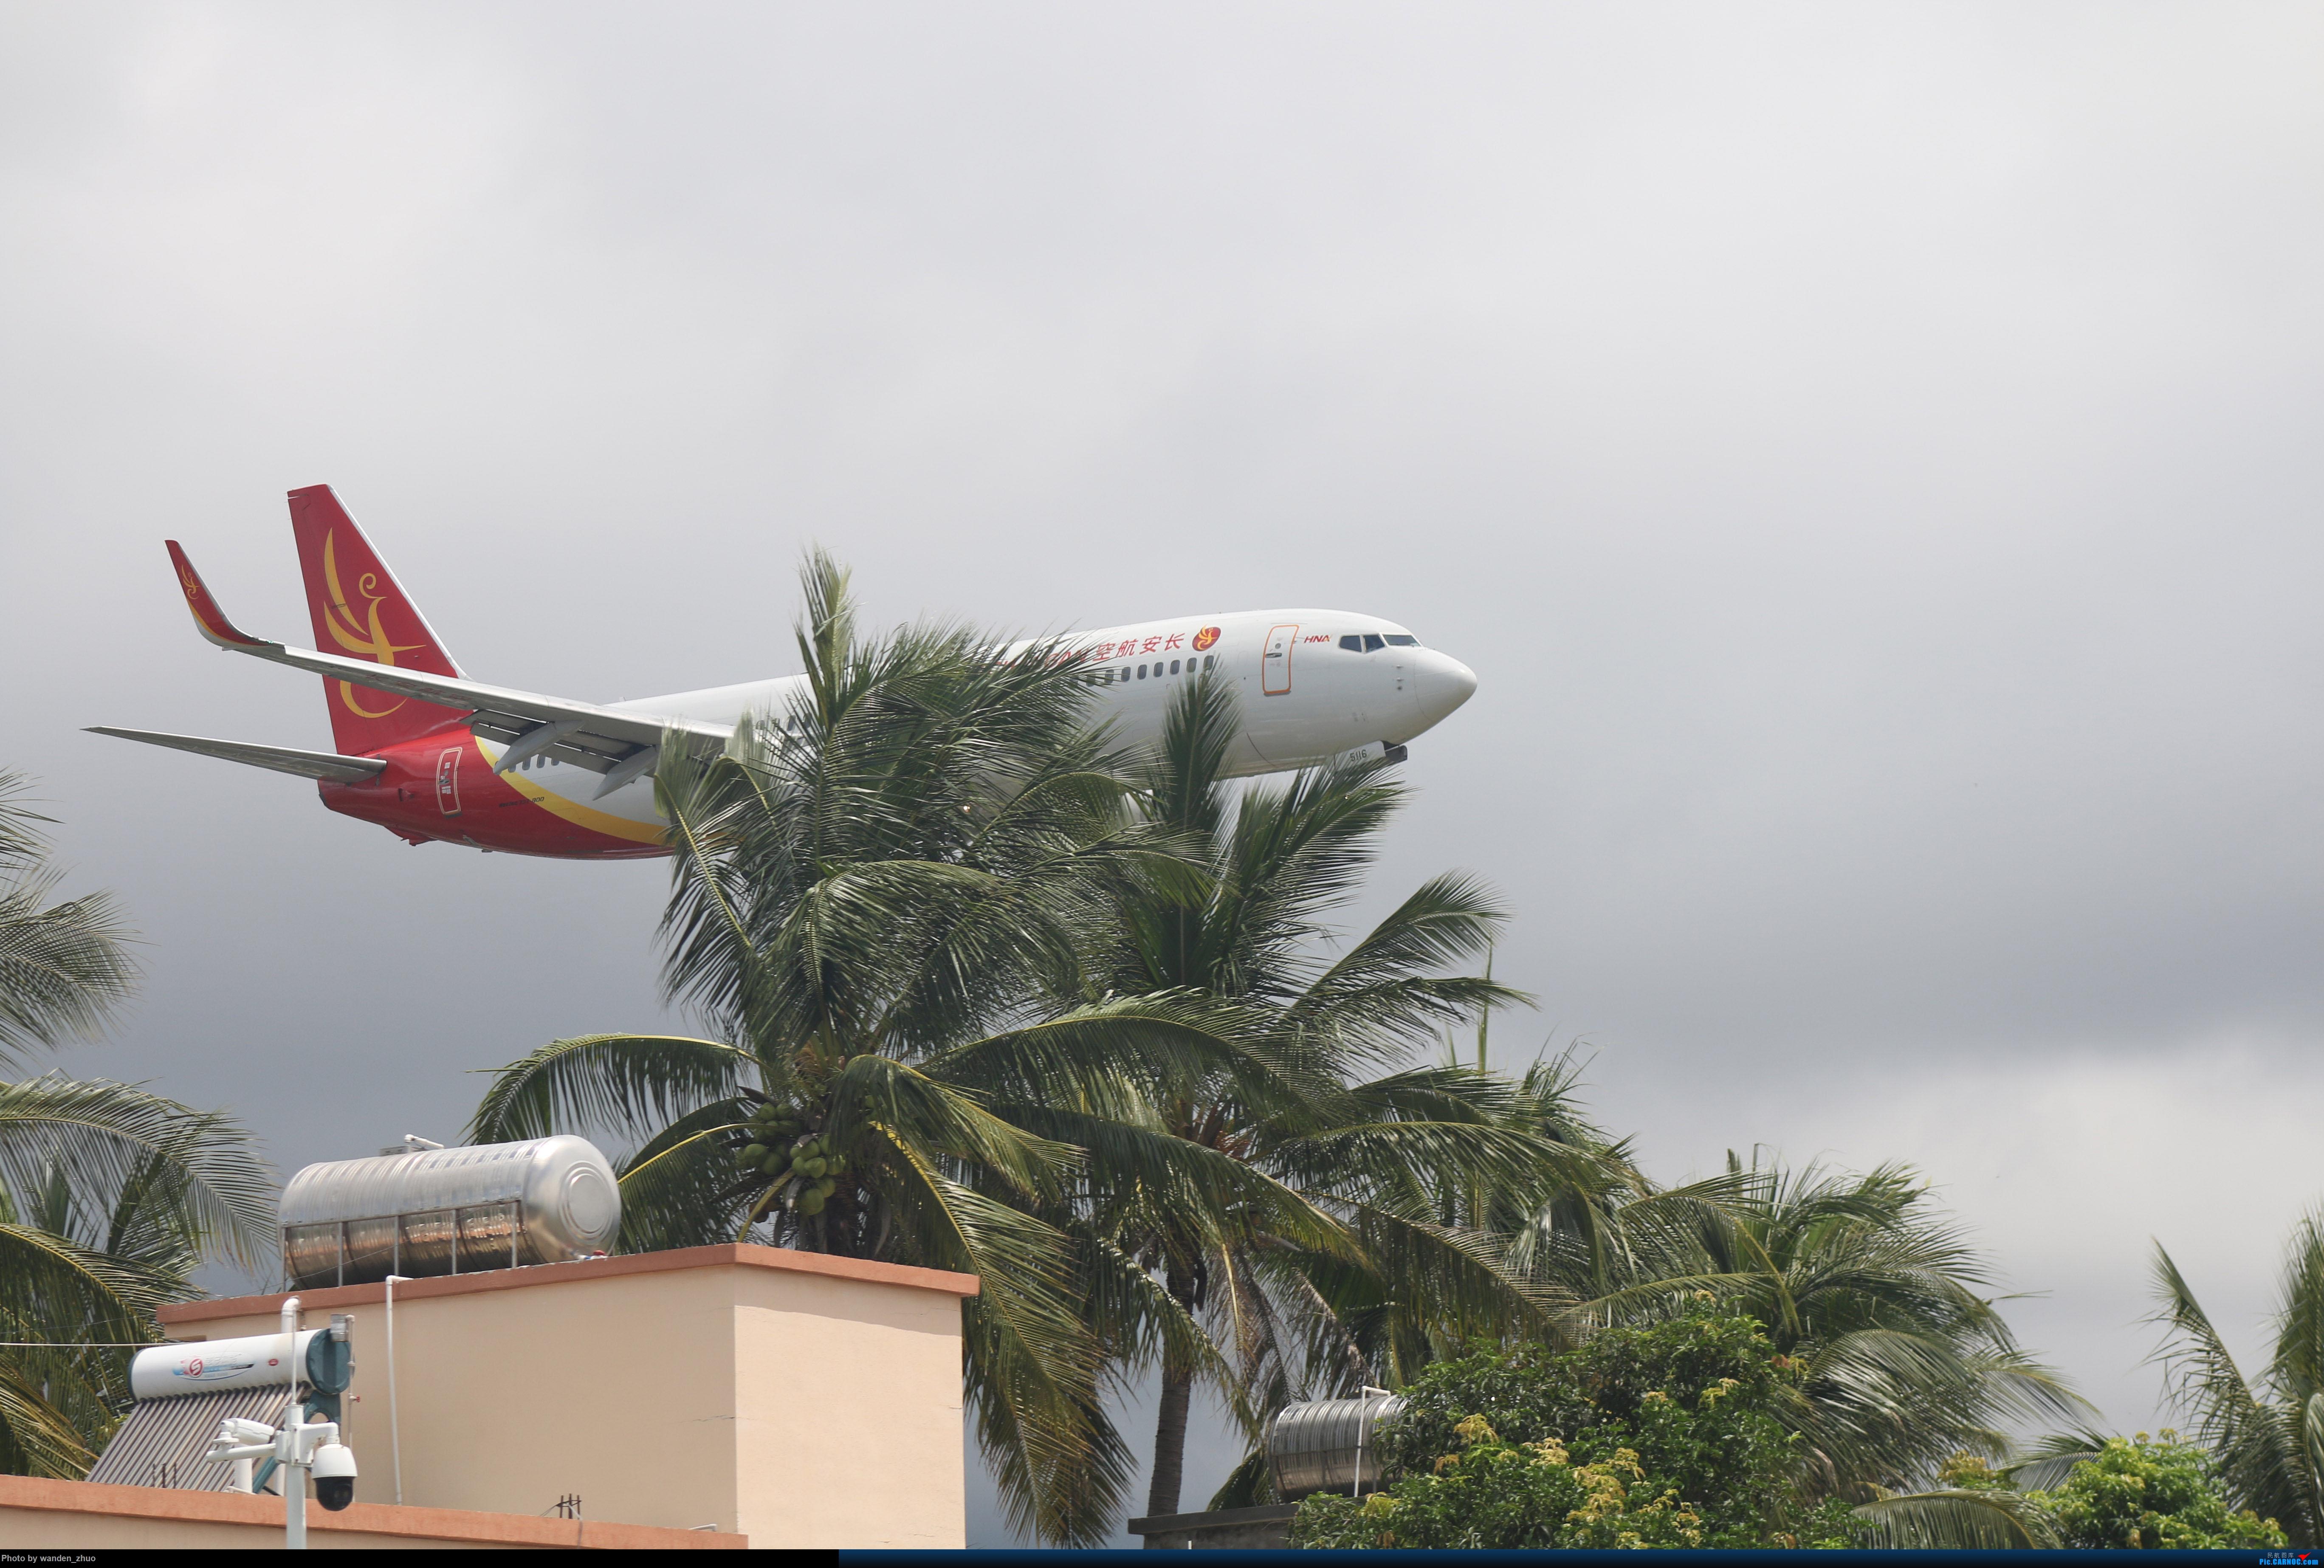 Re:[原创]人生第一次在机场拍机,献给三亚凤凰机场 BOEING 737-800 B-5116 中国三亚凤凰国际机场